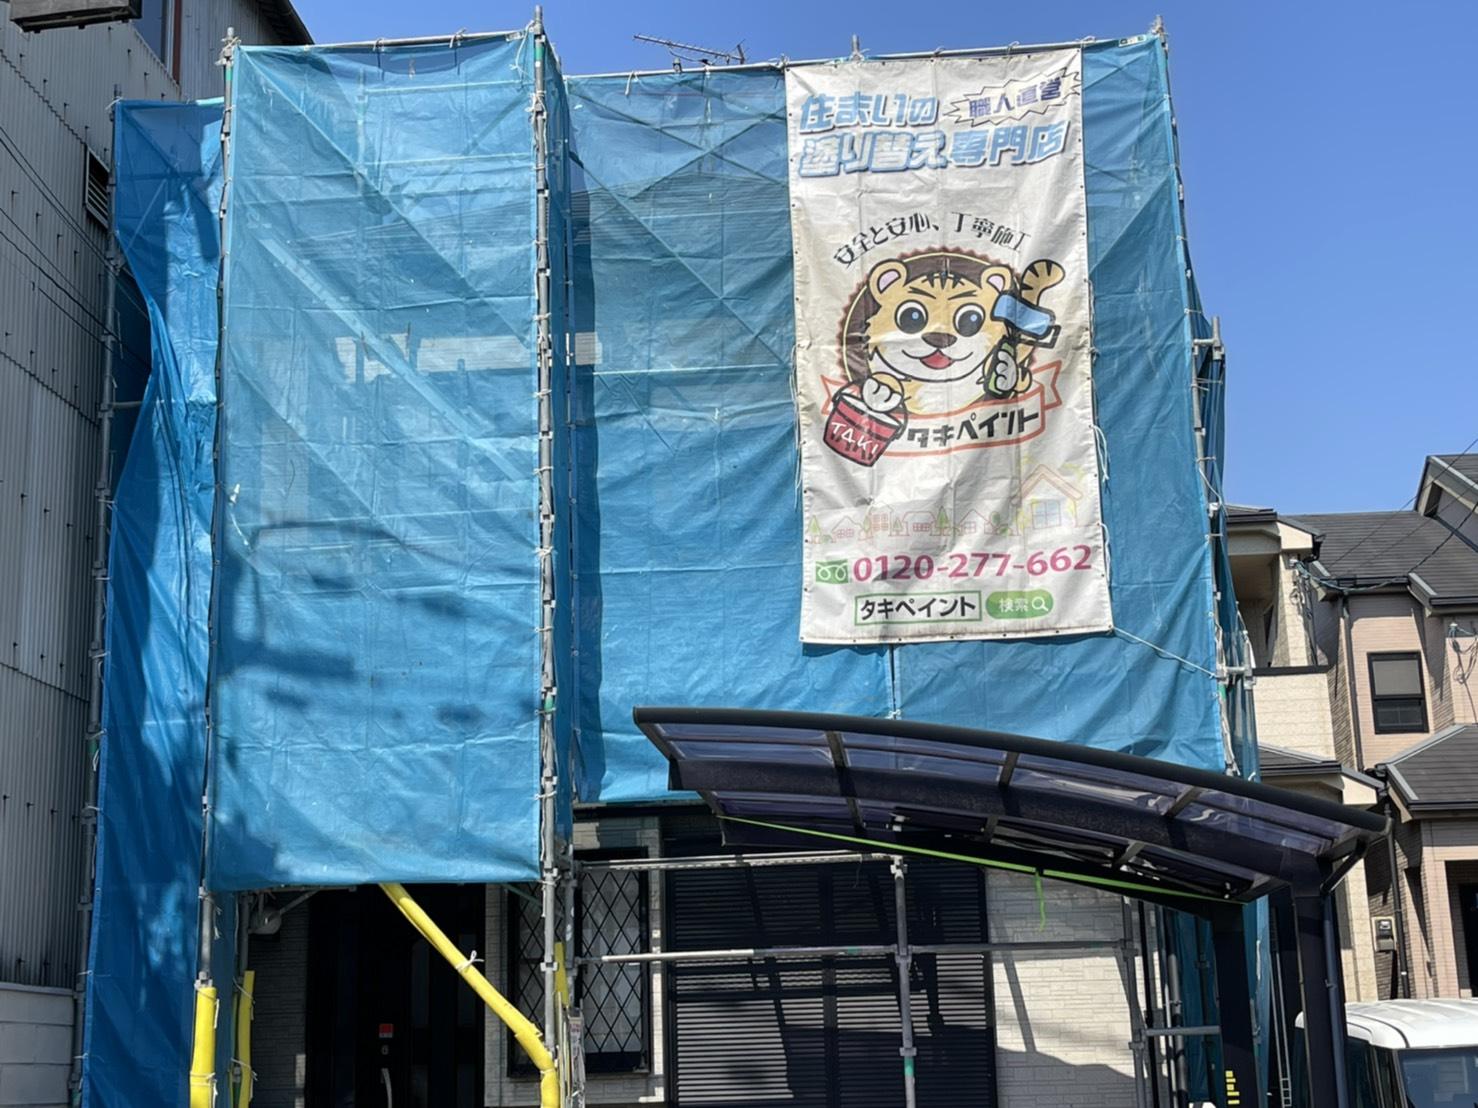 堺市K様邸 屋根・外壁塗装工事着工しました!!